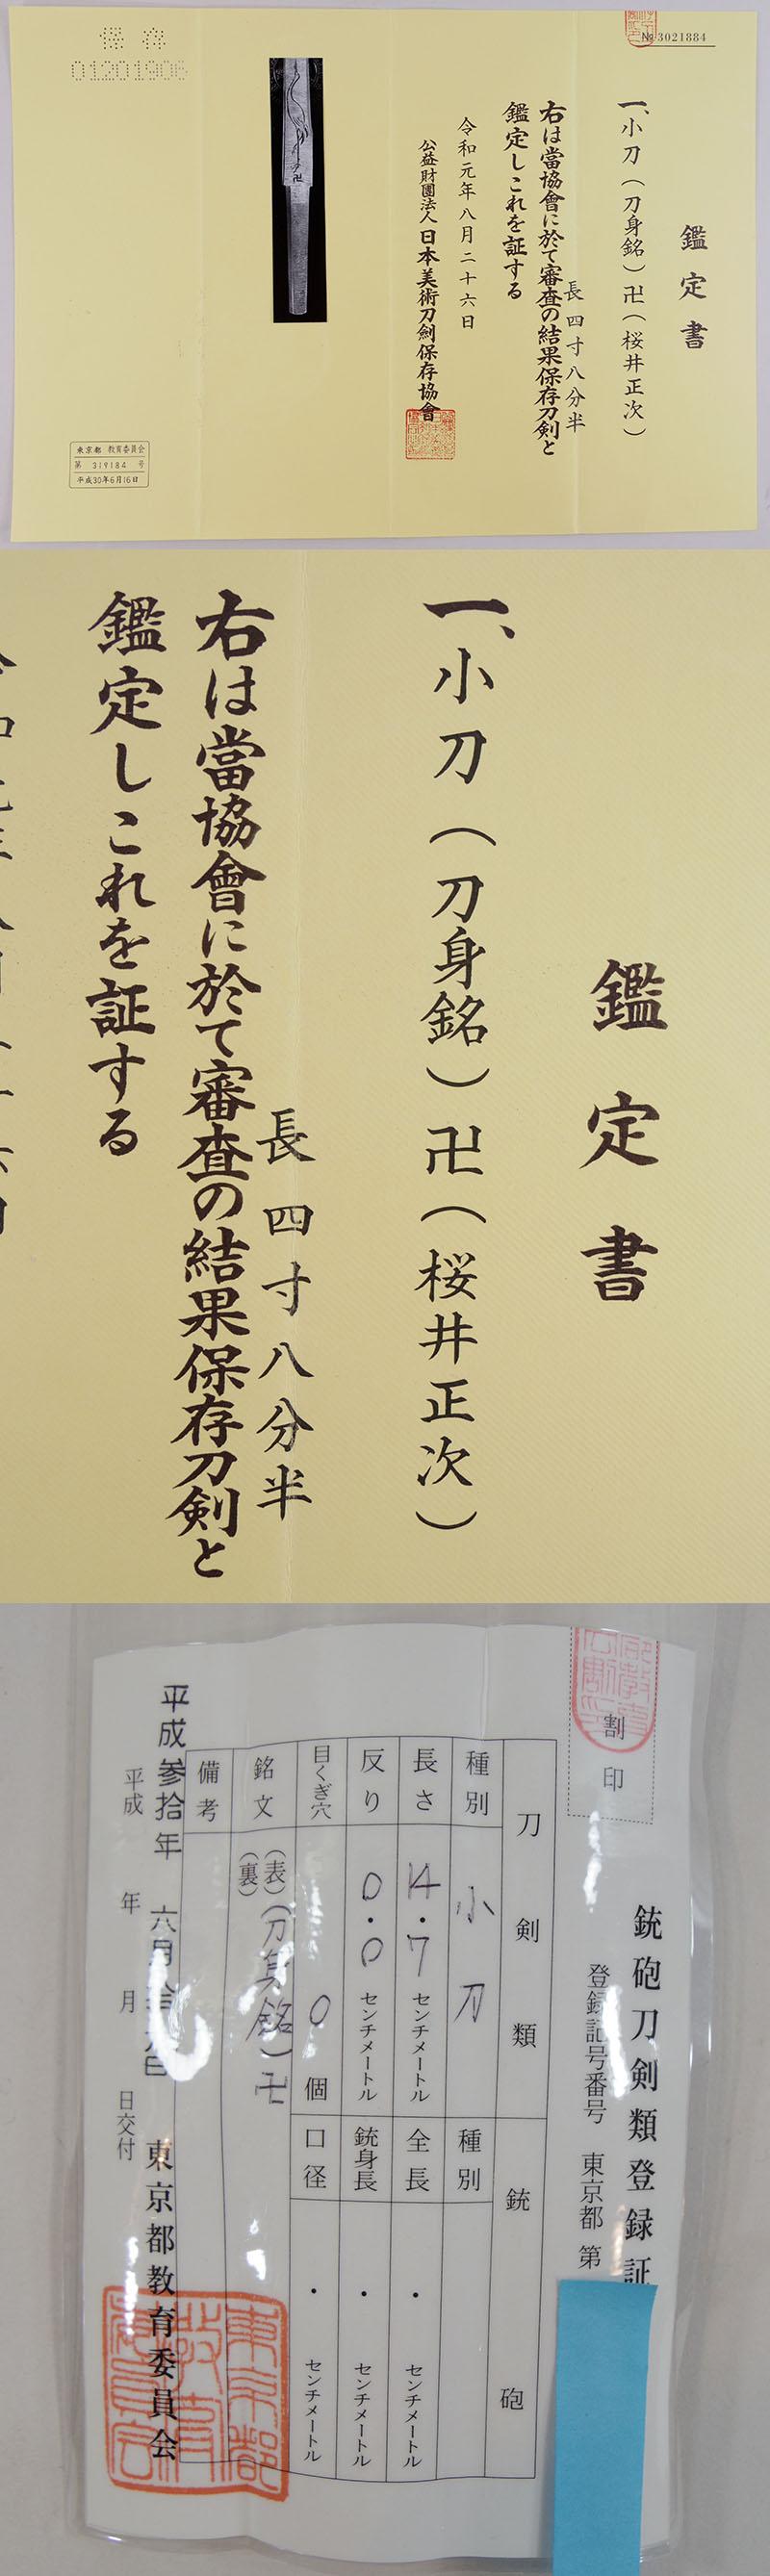 卍(桜井正次)鑑定書画像